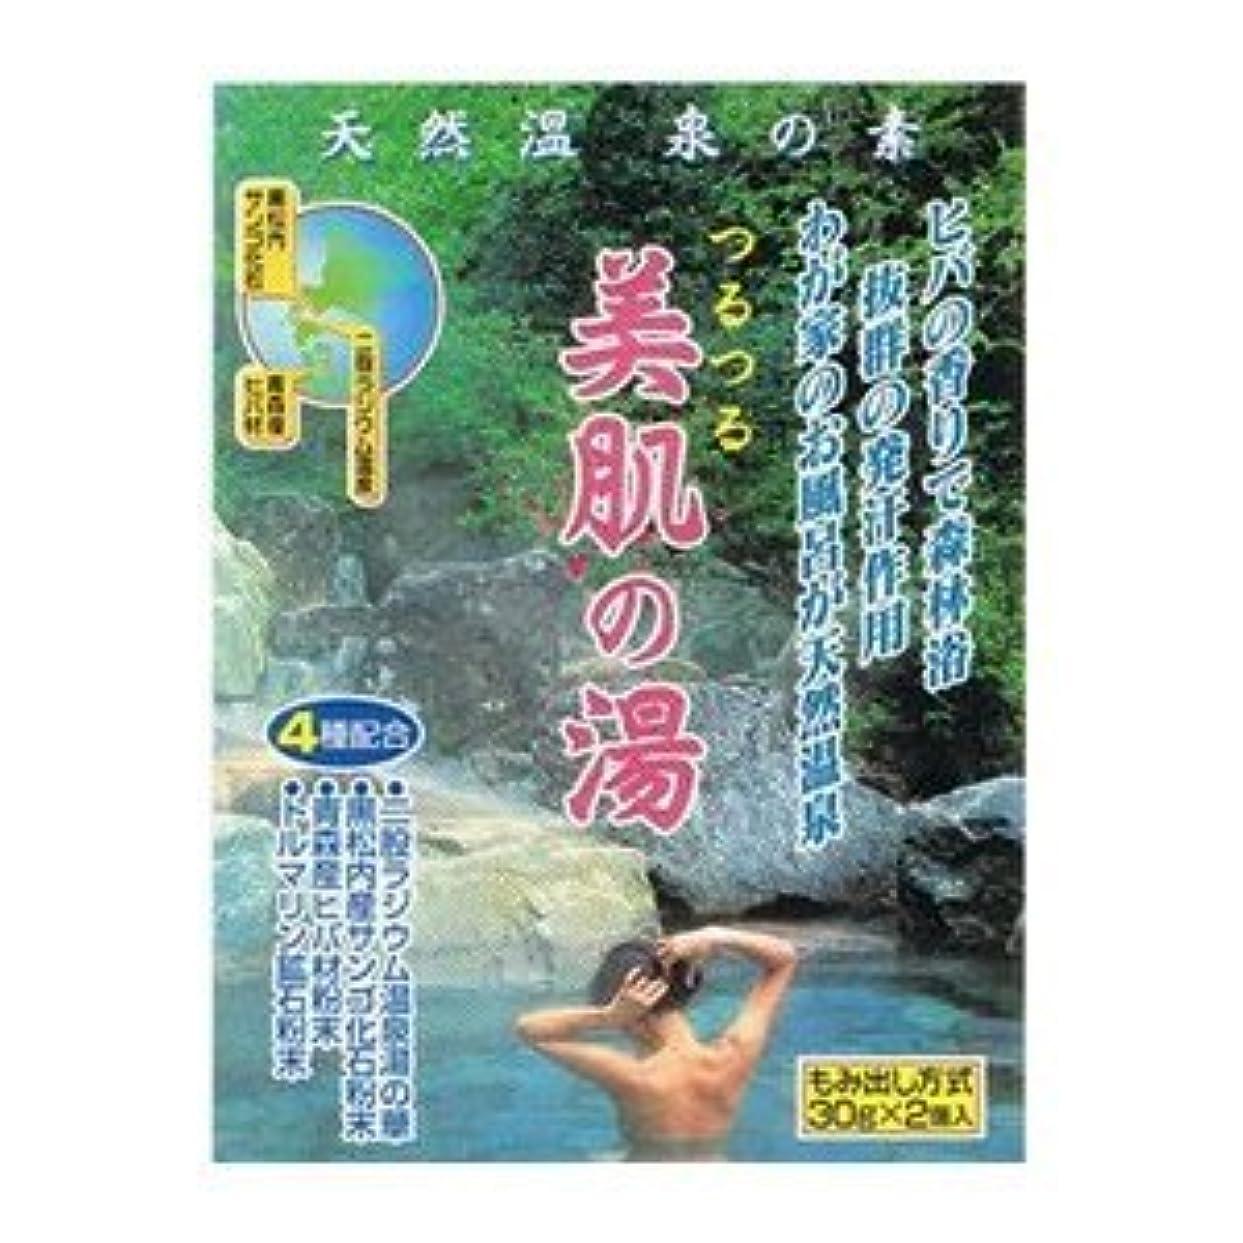 腐敗した超越するレルム天然温泉の素 美肌の湯 (30g×2個入)×18袋セット